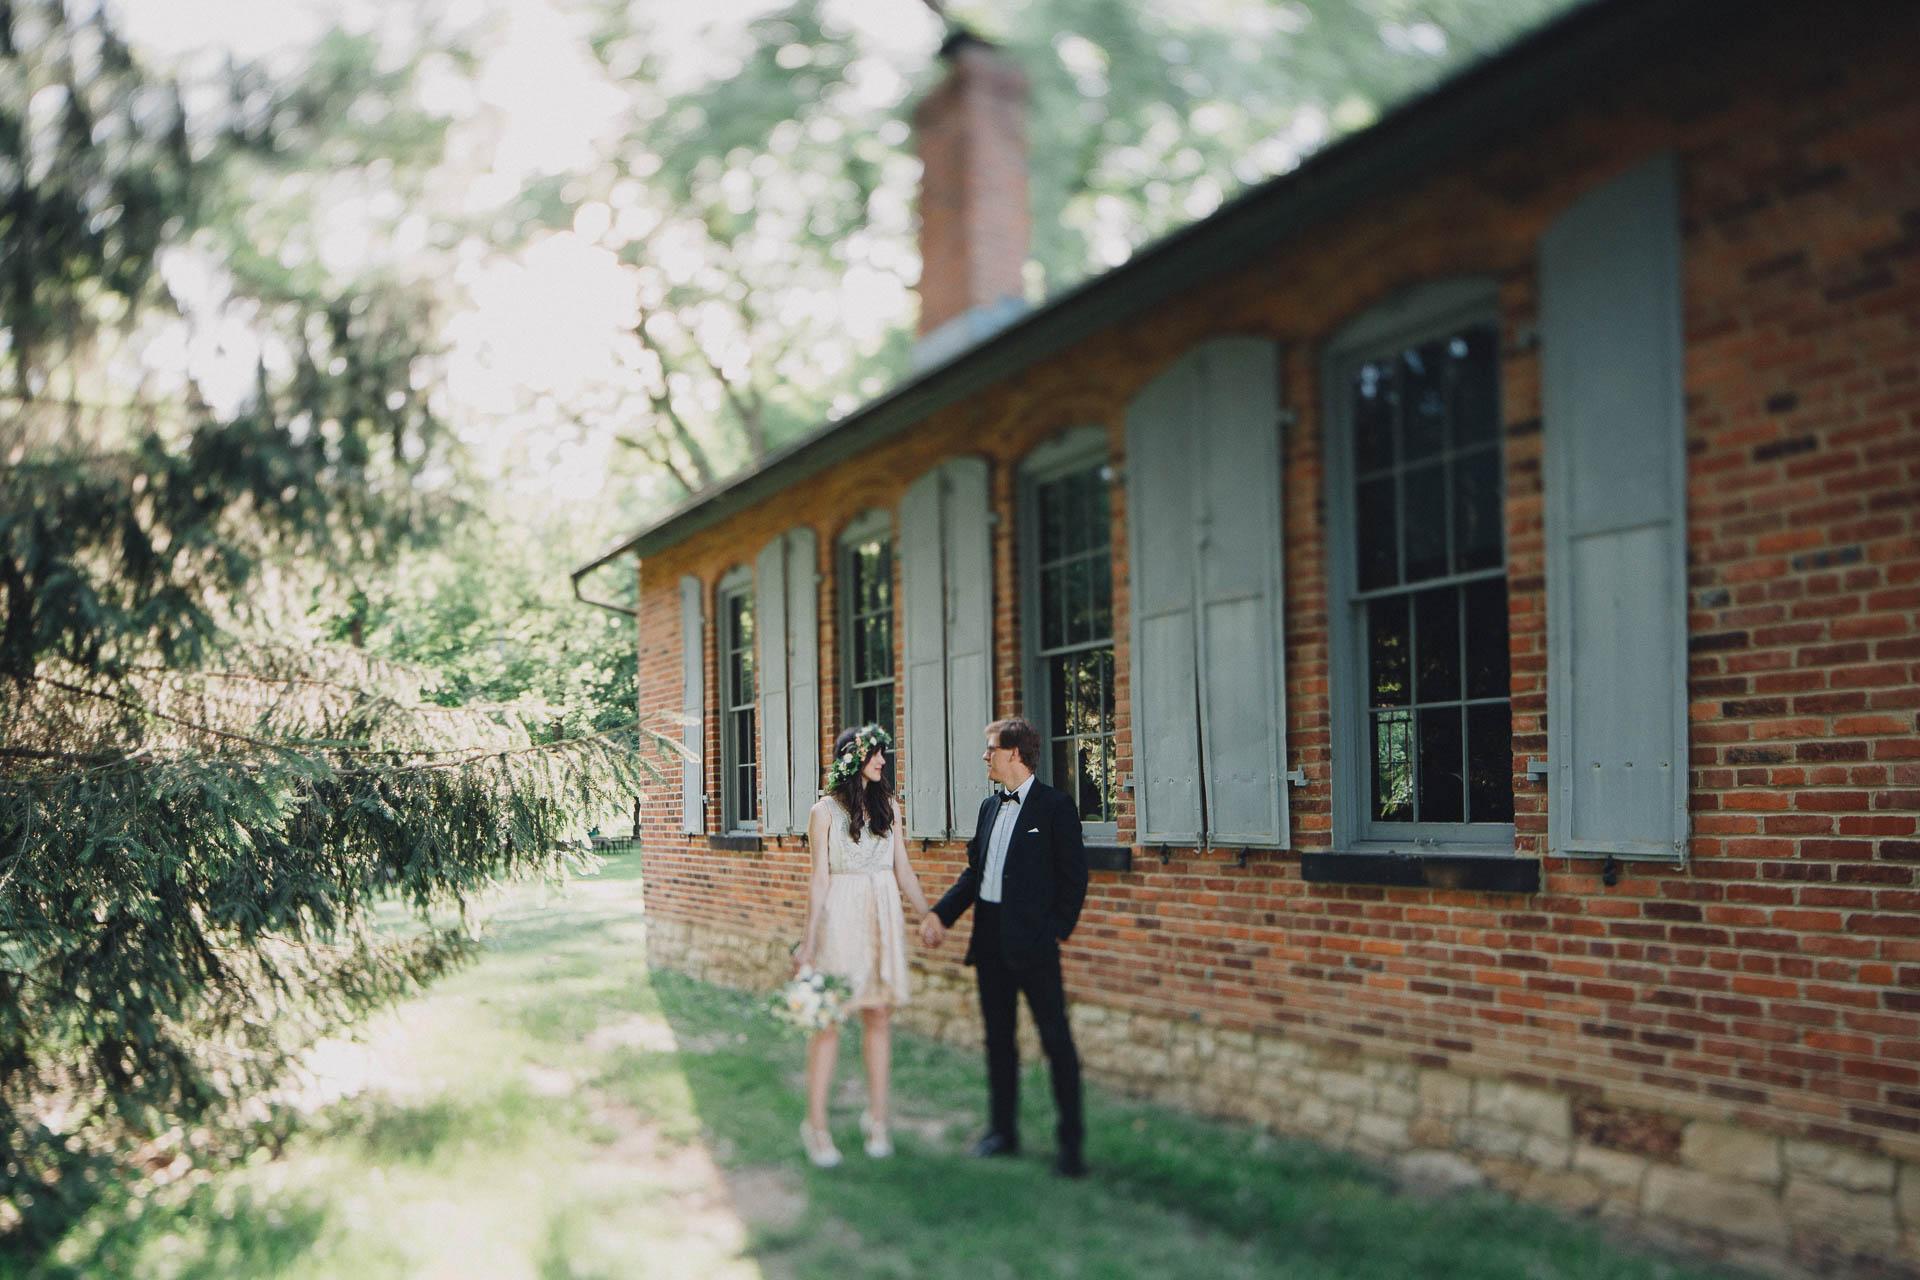 Megan-Paul-Ohio-English-Garden-Wedding-094@2x.jpg